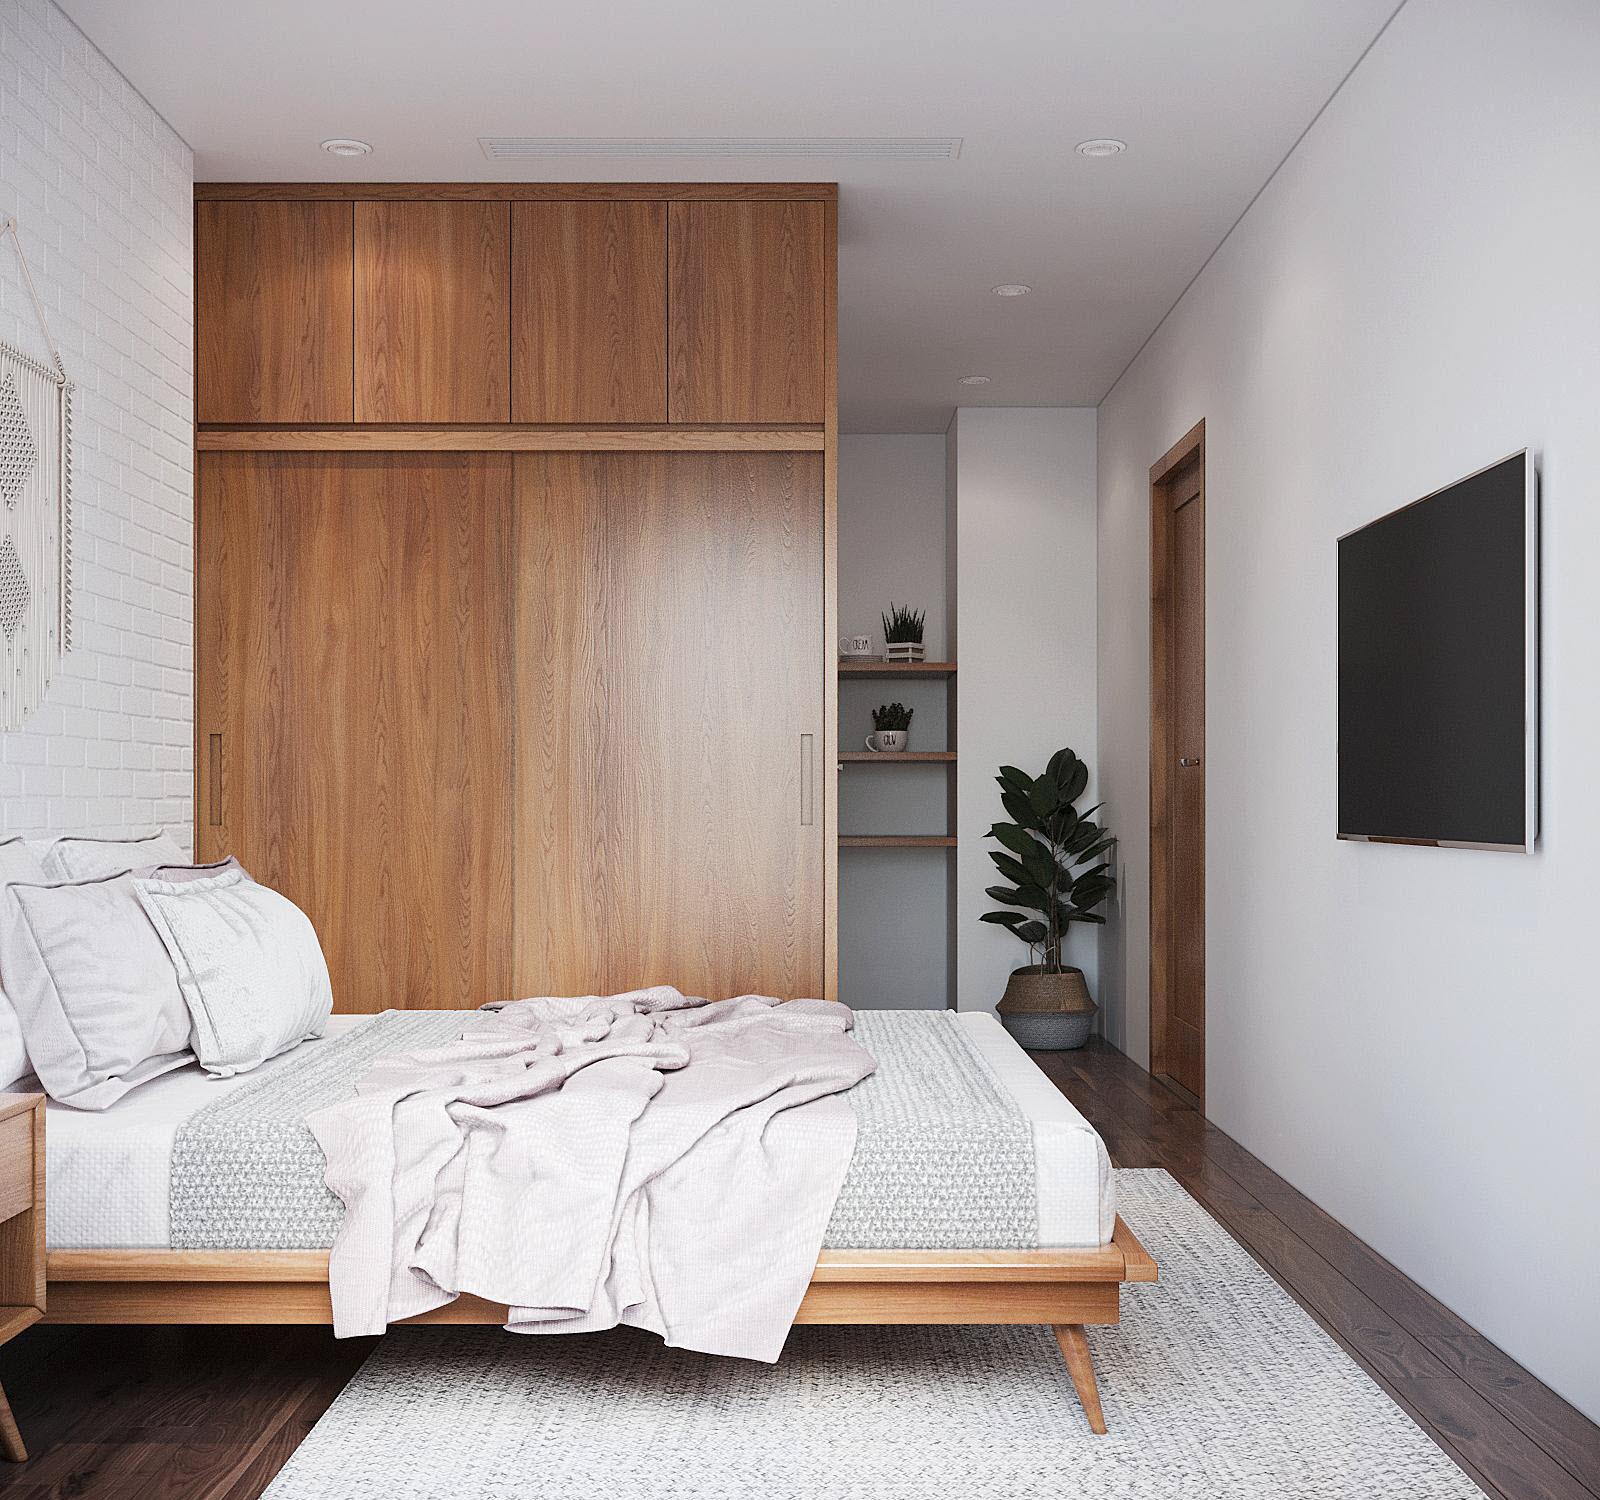 Tủ gỗ cao kịch trần cung cấp không gian lưu trữ thoải mái, đồng thời tạo điểm nhấn ấm áp, giúp cân bằng bảng màu cho căn phòng.